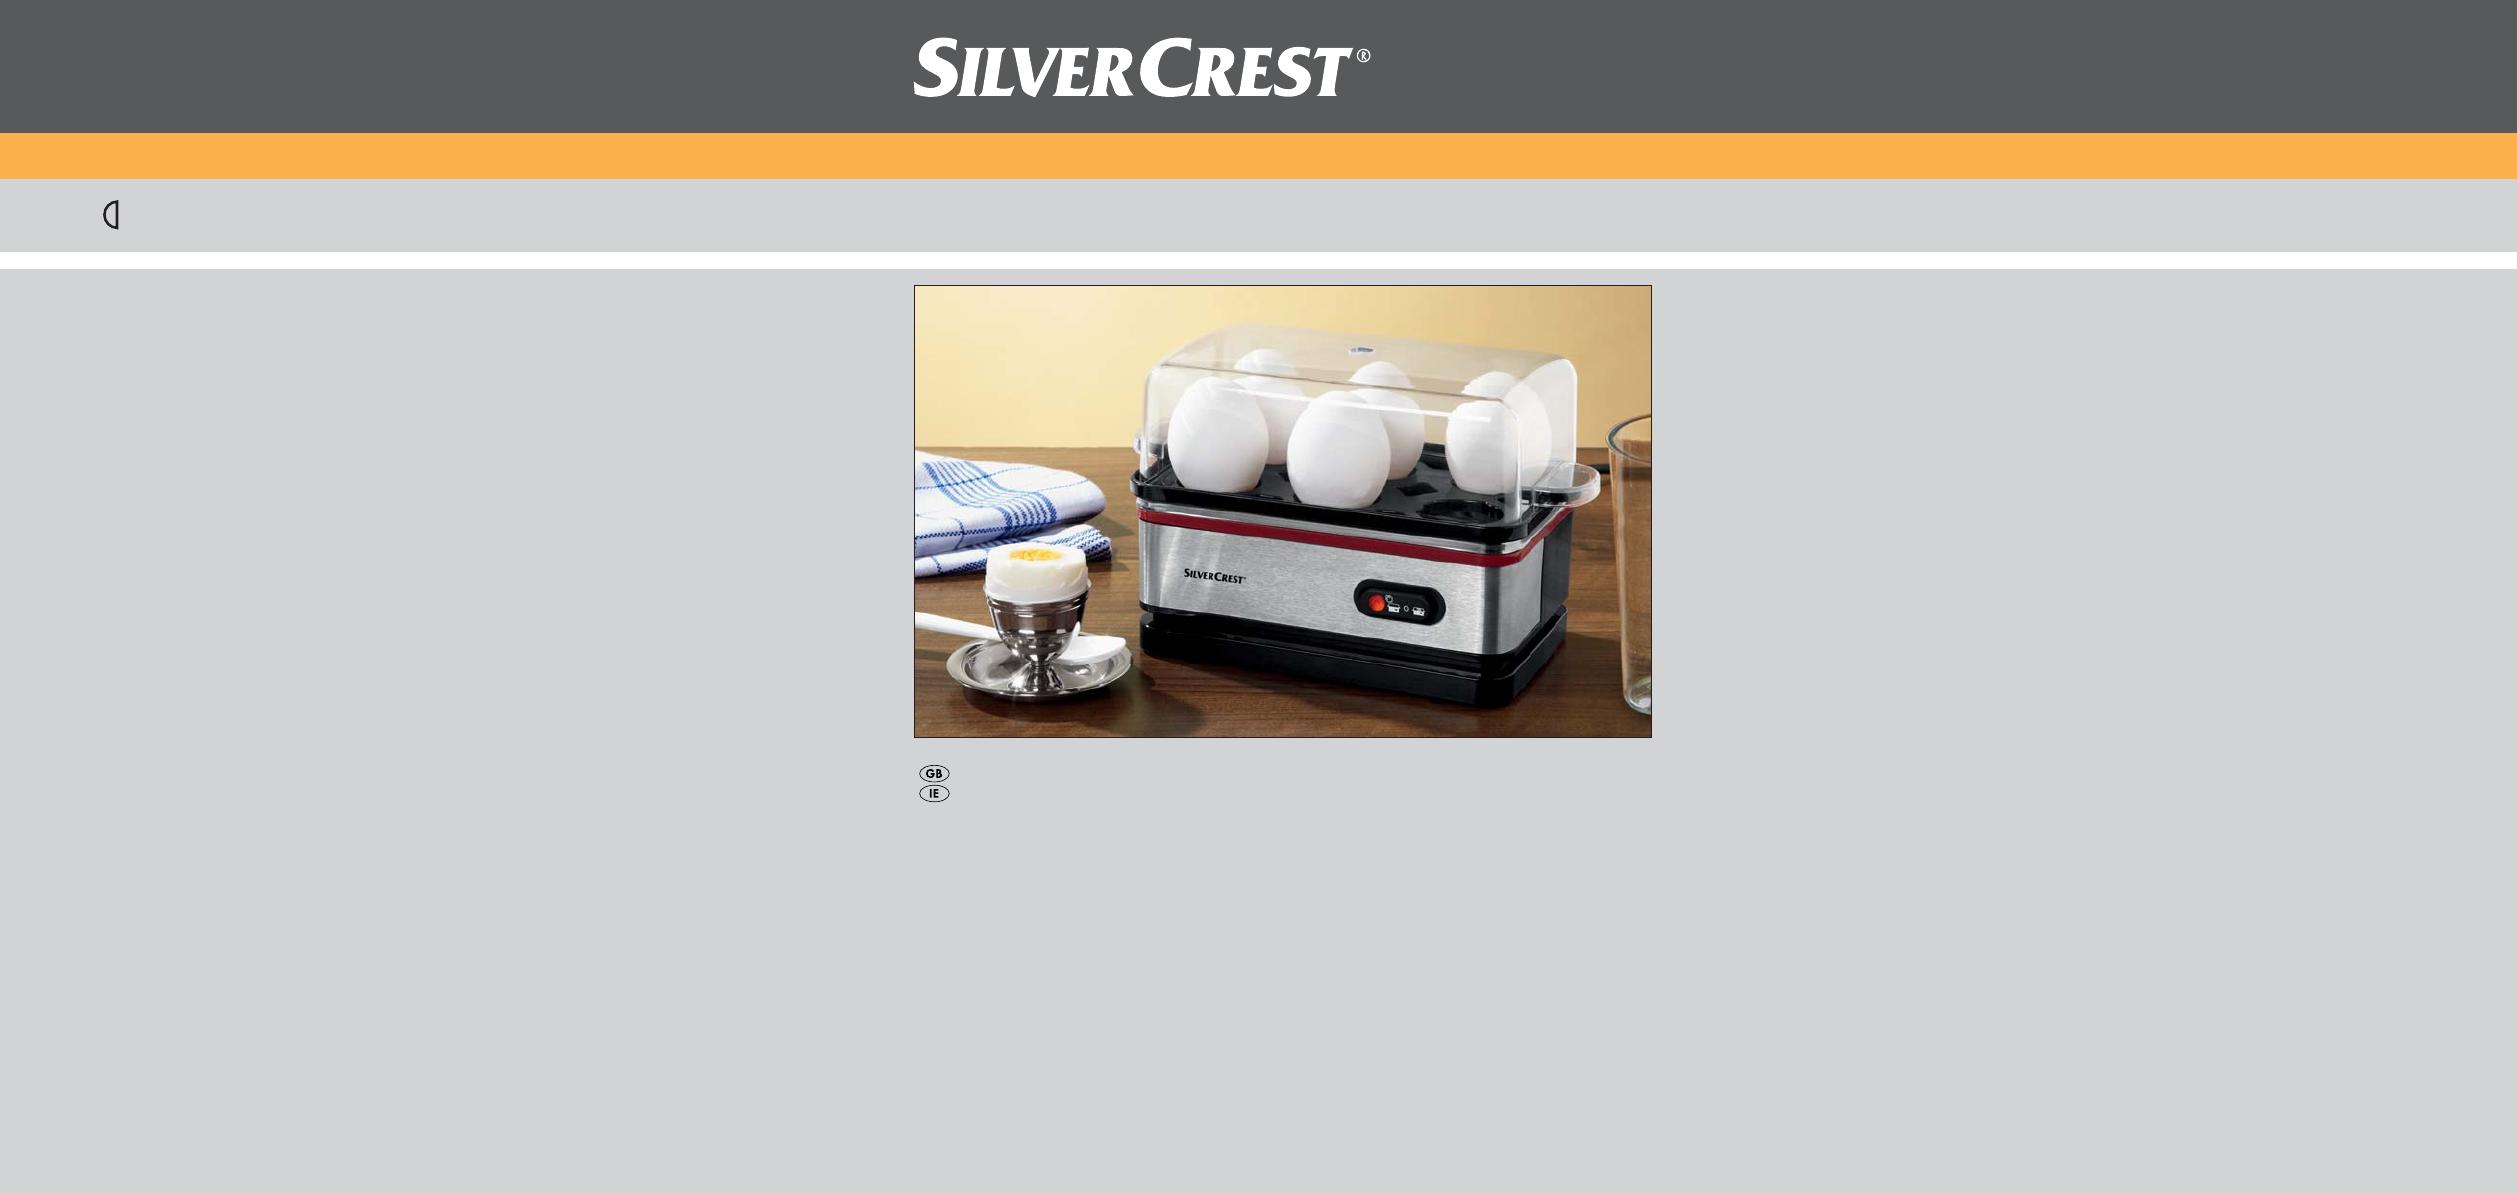 silvercrest egg cooker sekd 400 a1 user guide